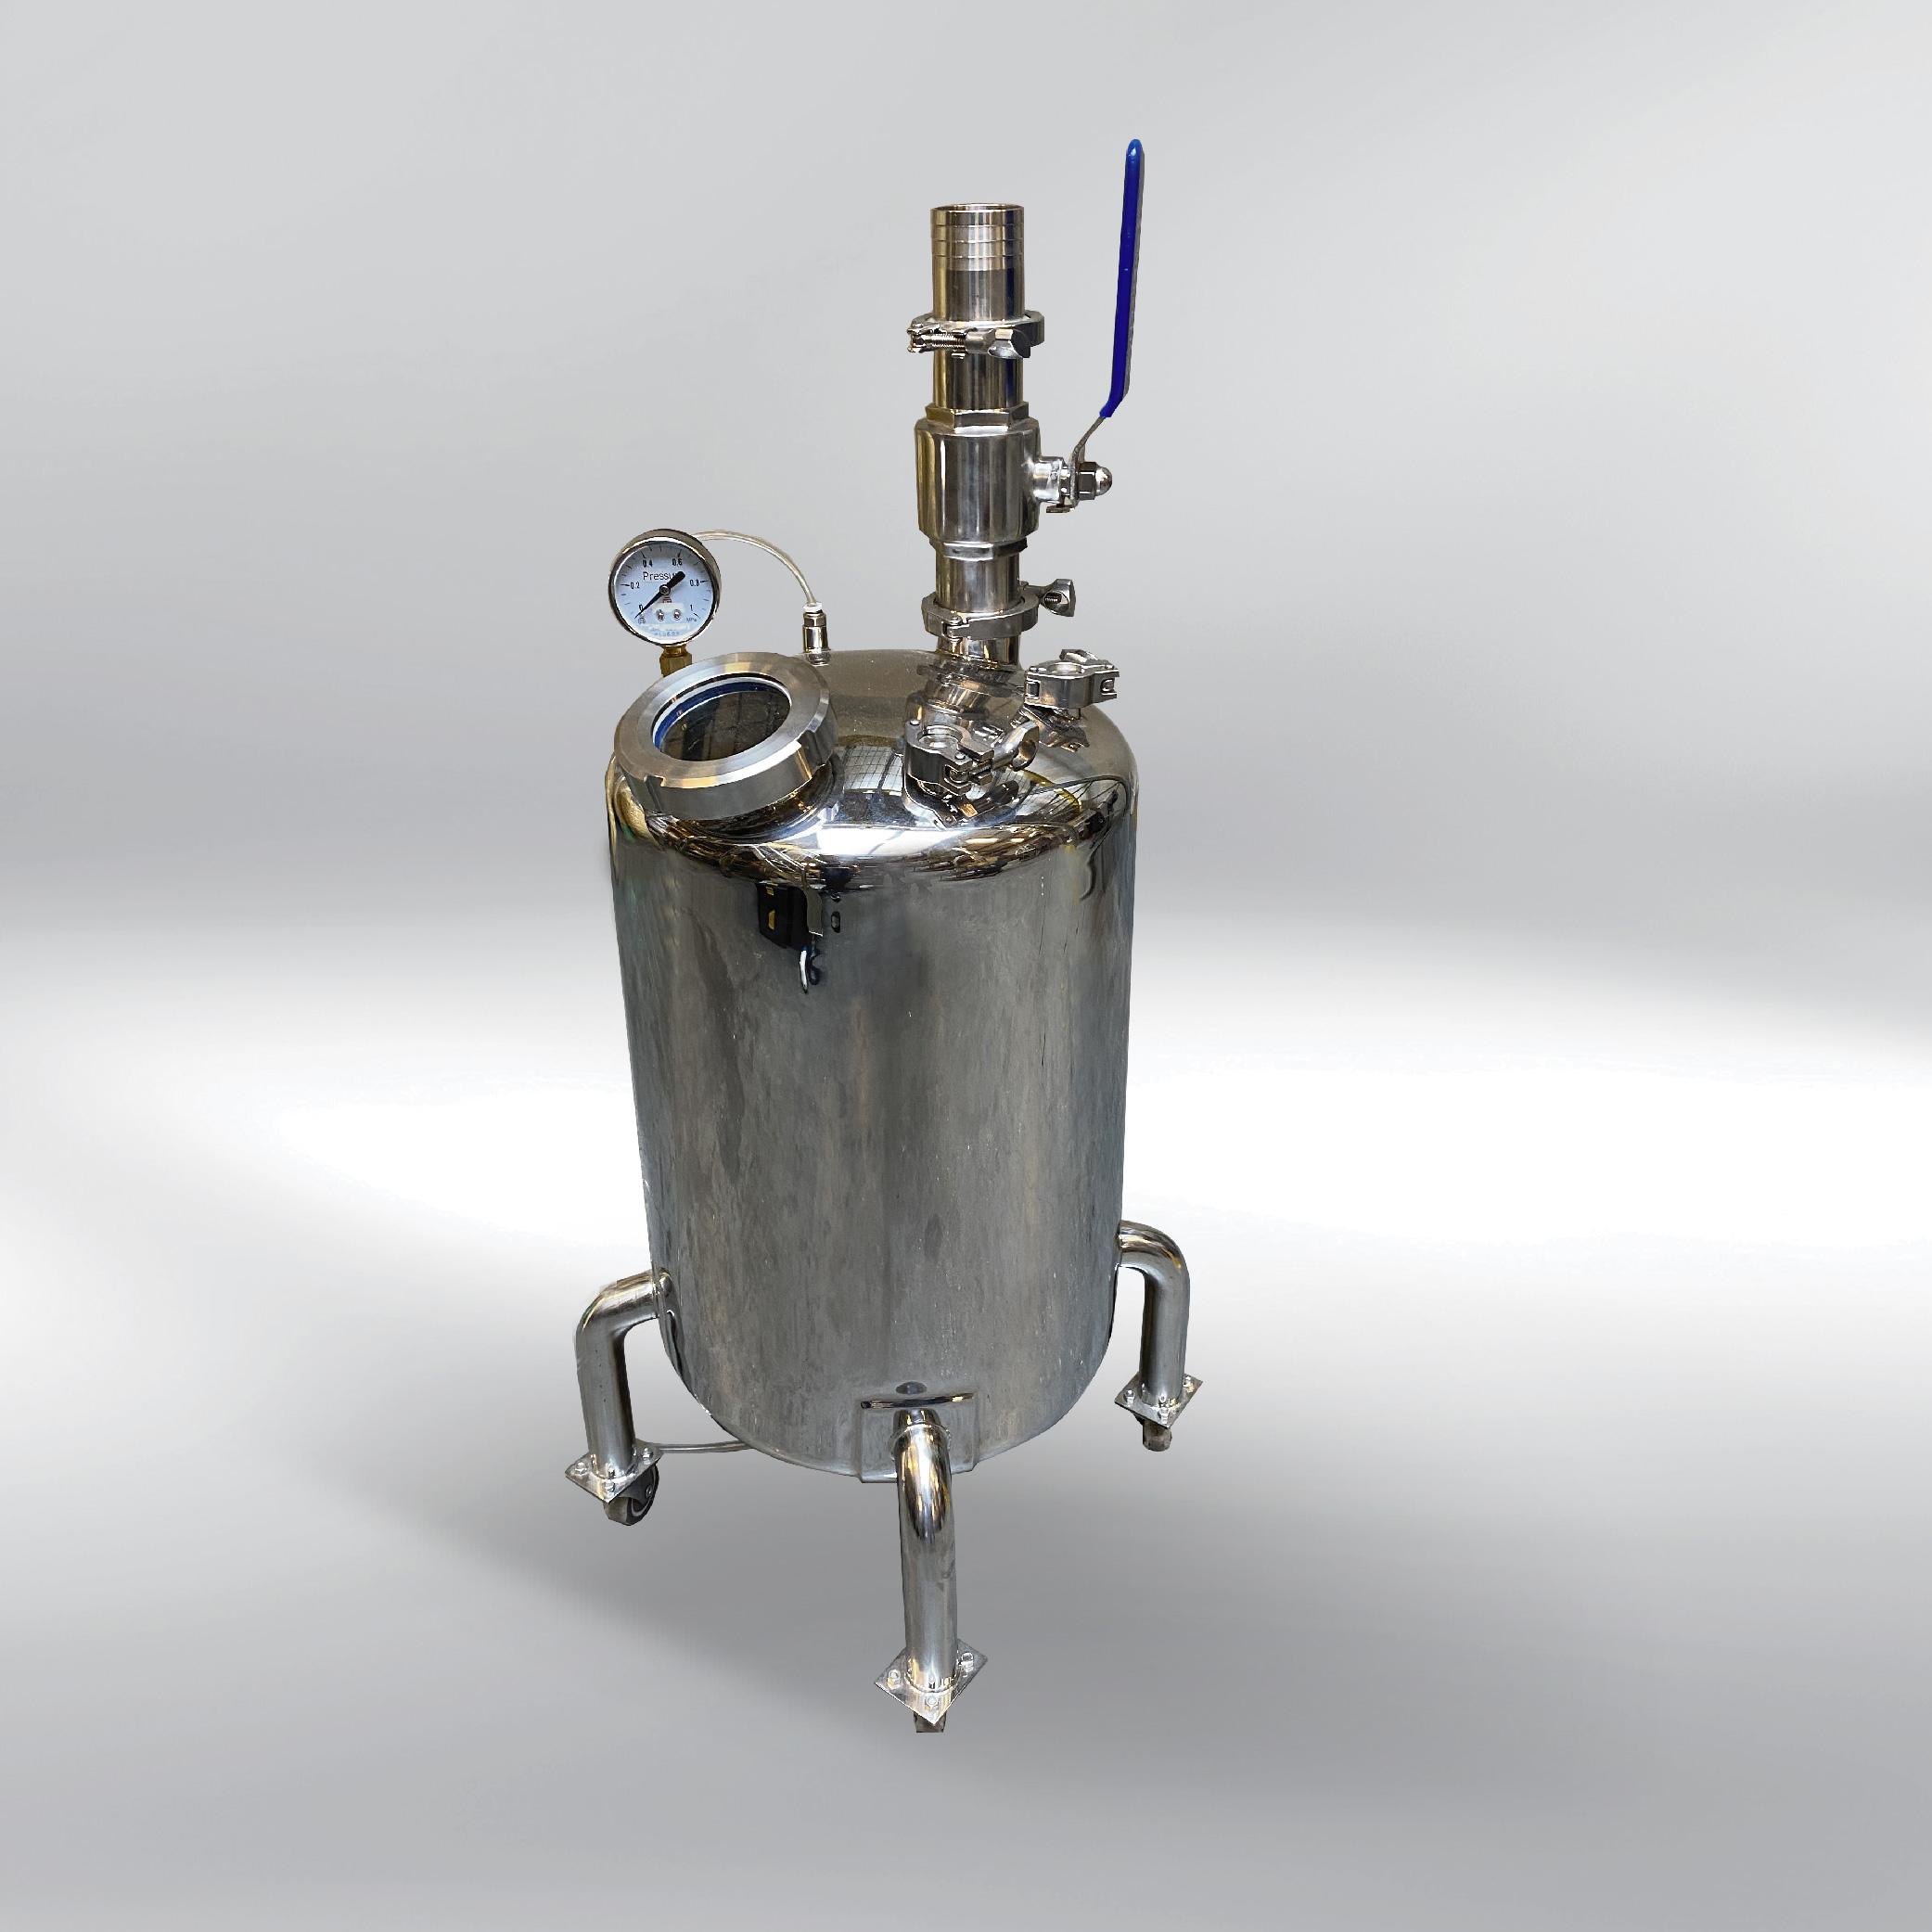 Liquid filling 30 for horizontal mixers MPCS/S